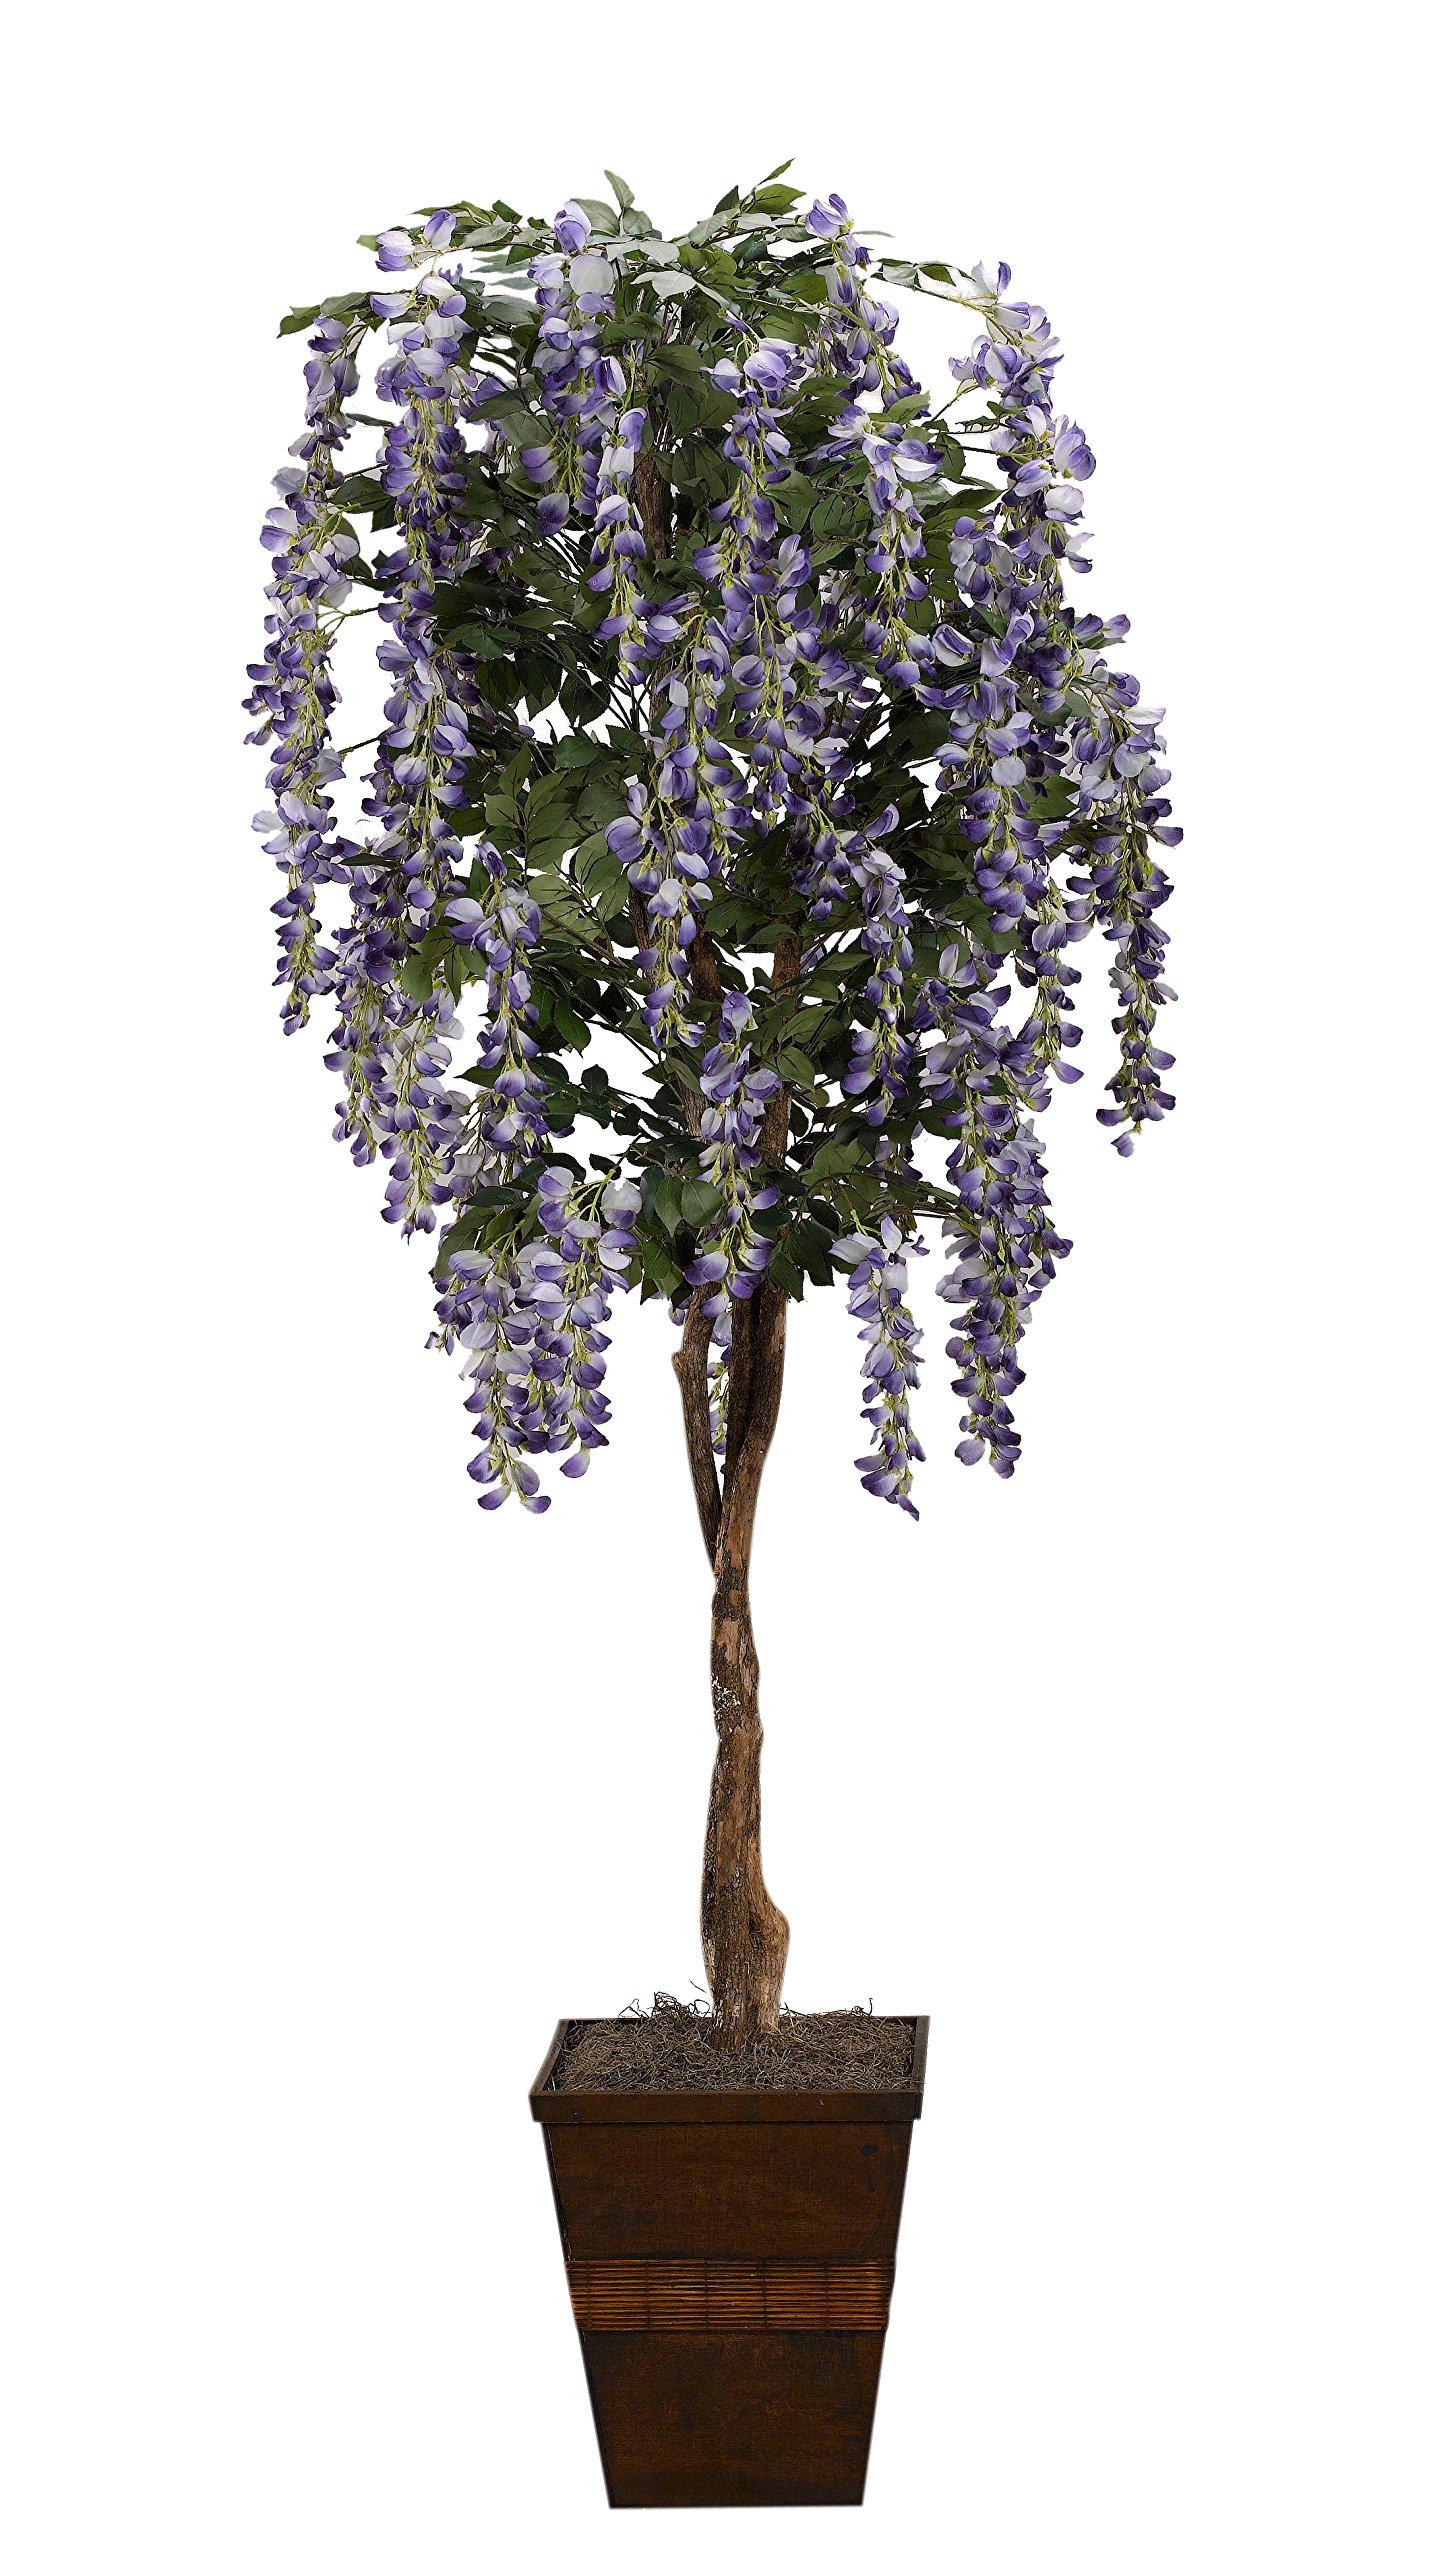 D & W Silks 317112 Lavender Wisteria Tree in Square Wood Planter, Purple/Brown